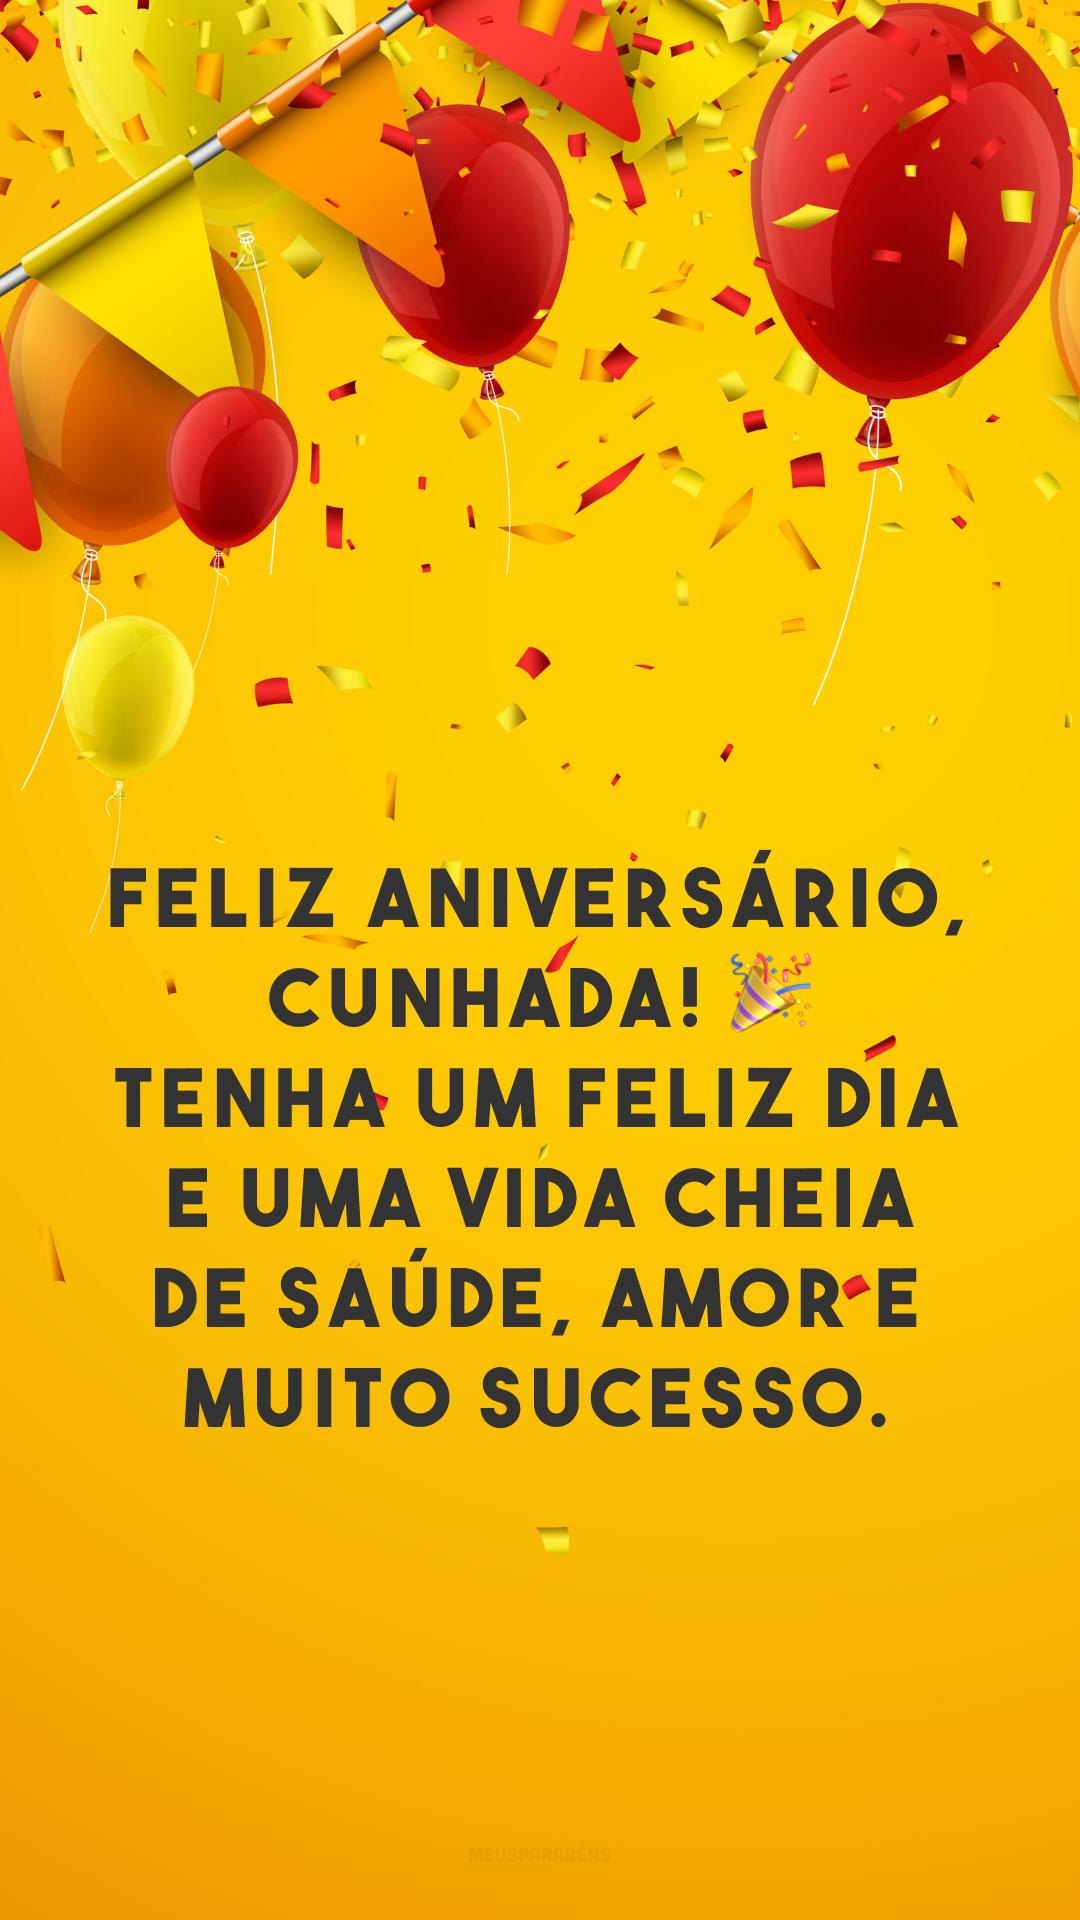 Feliz aniversário, cunhada! 🎉 Tenha um feliz dia e uma vida cheia de saúde, amor e muito sucesso.